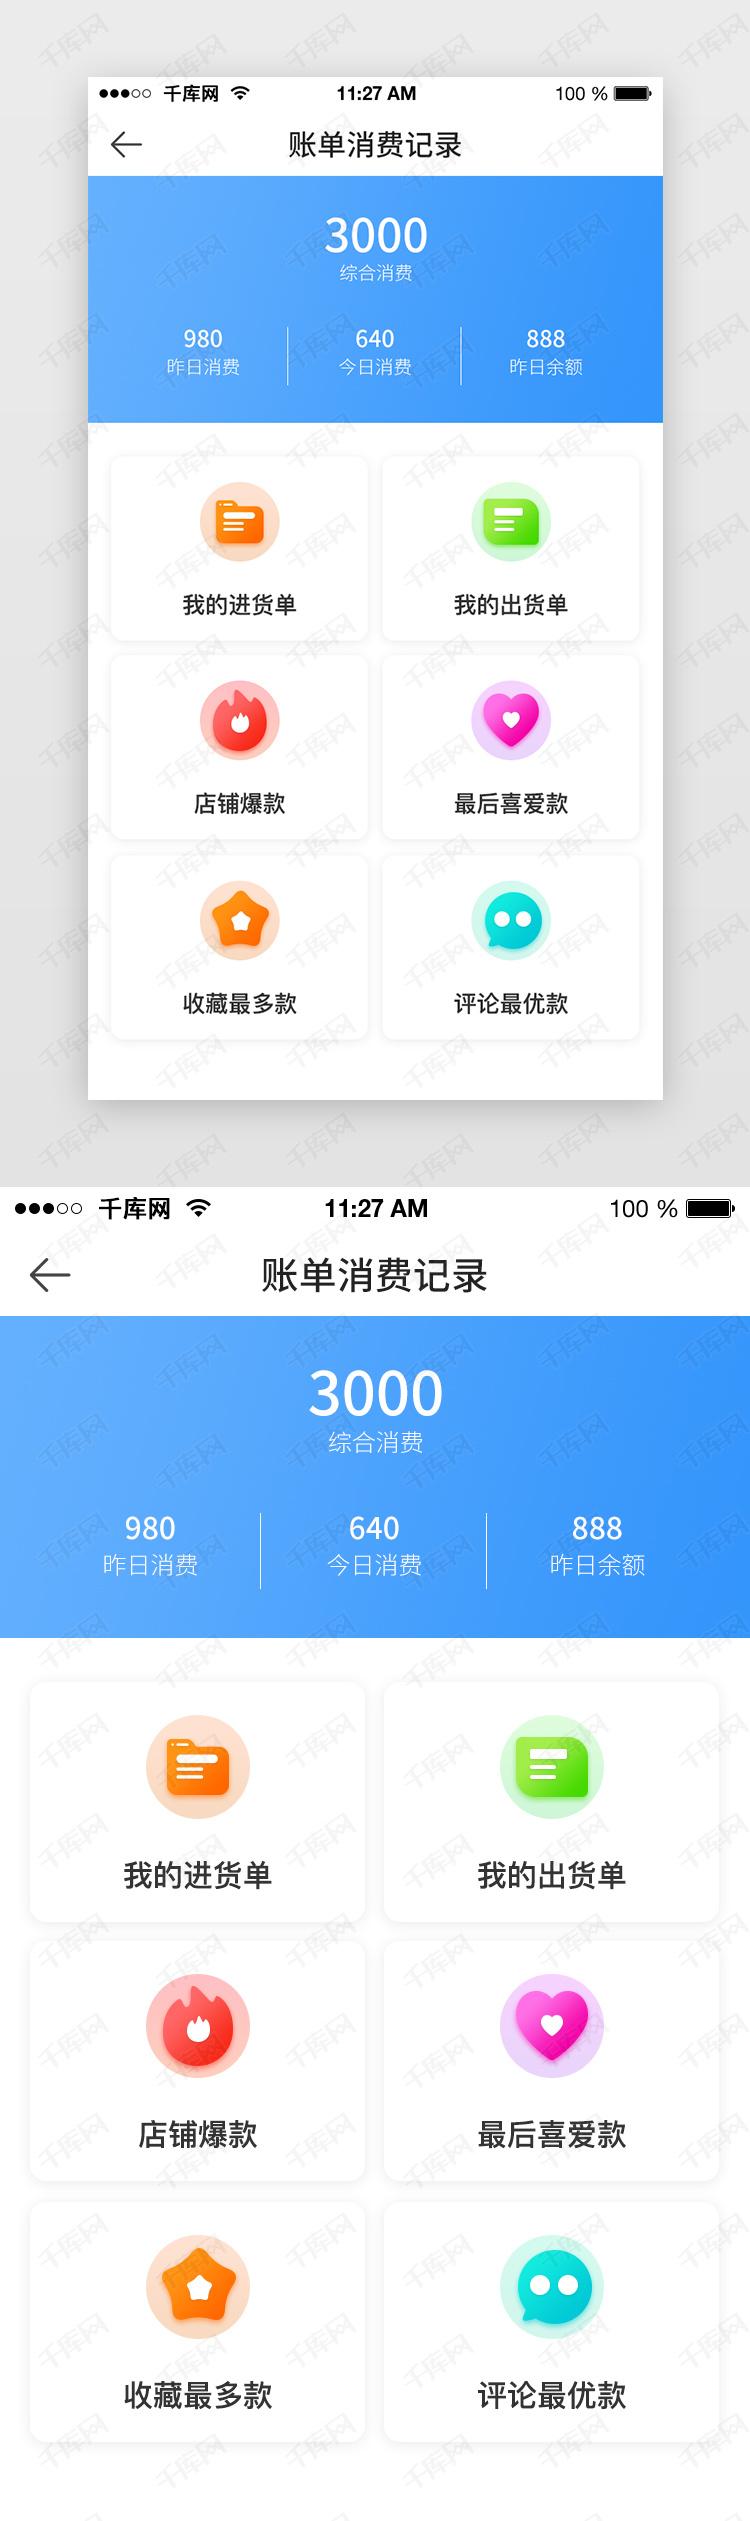 app小程序店铺后台销货进货ui页面图片